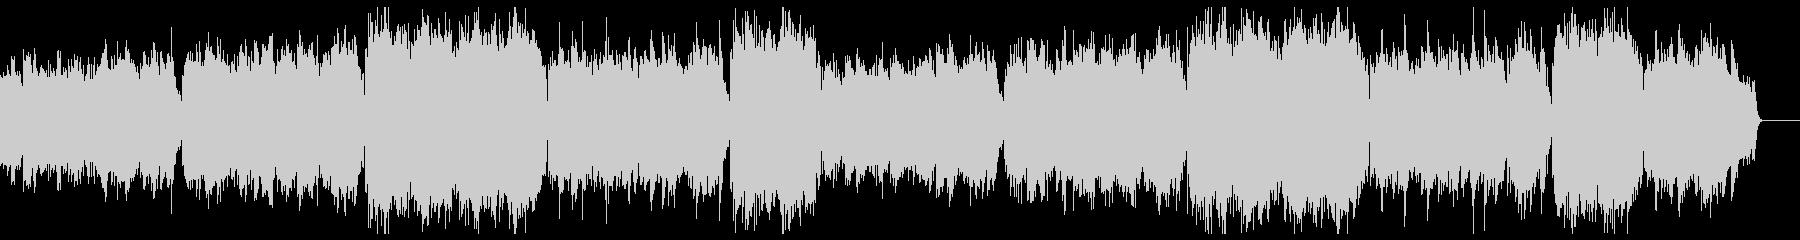 穏やかで暖かいピアノアルペジオ:フルx2の未再生の波形